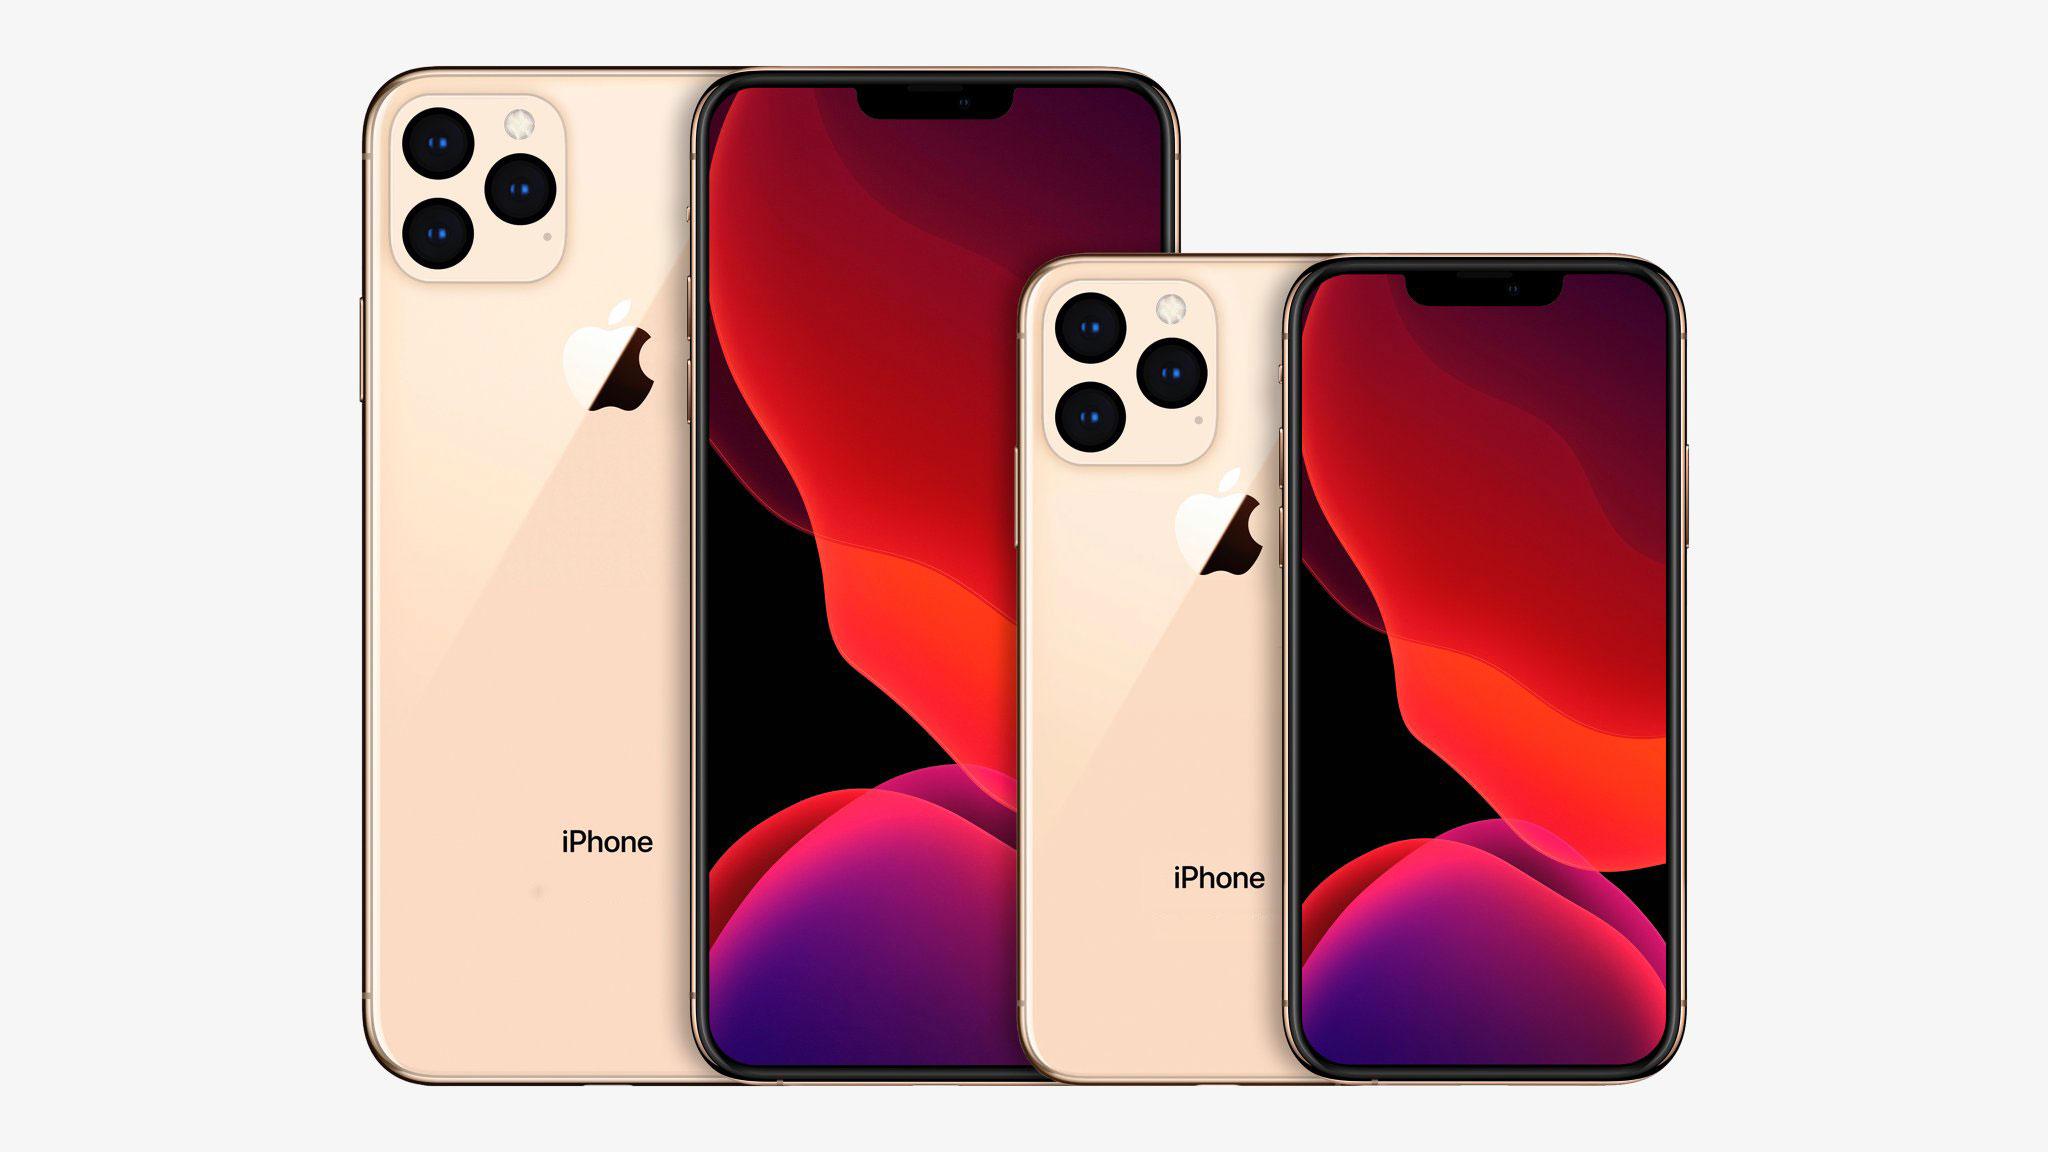 2020 年款 6.7 寸和 5.4 寸 iPhone 概念渲染图曝光